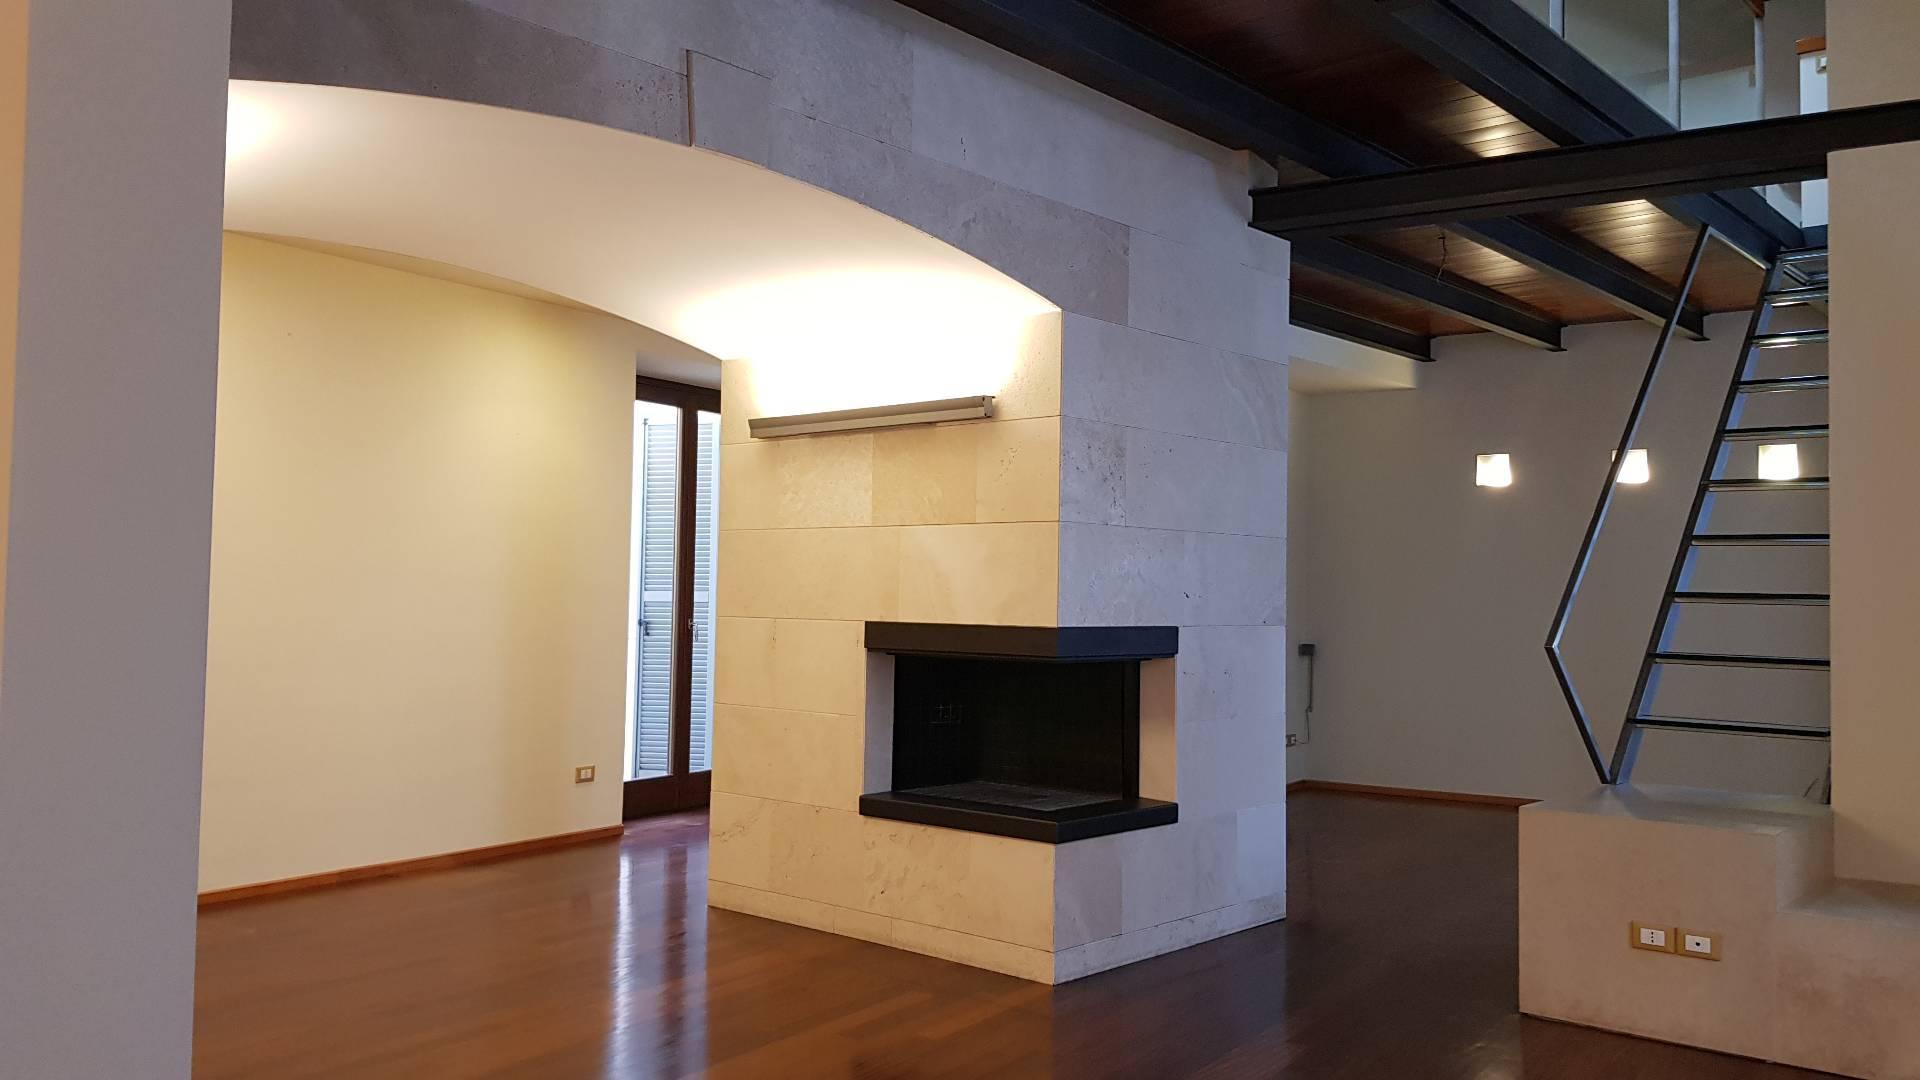 Attico / Mansarda in vendita a Ascoli Piceno, 9 locali, zona Località: CentroStorico, Trattative riservate   PortaleAgenzieImmobiliari.it